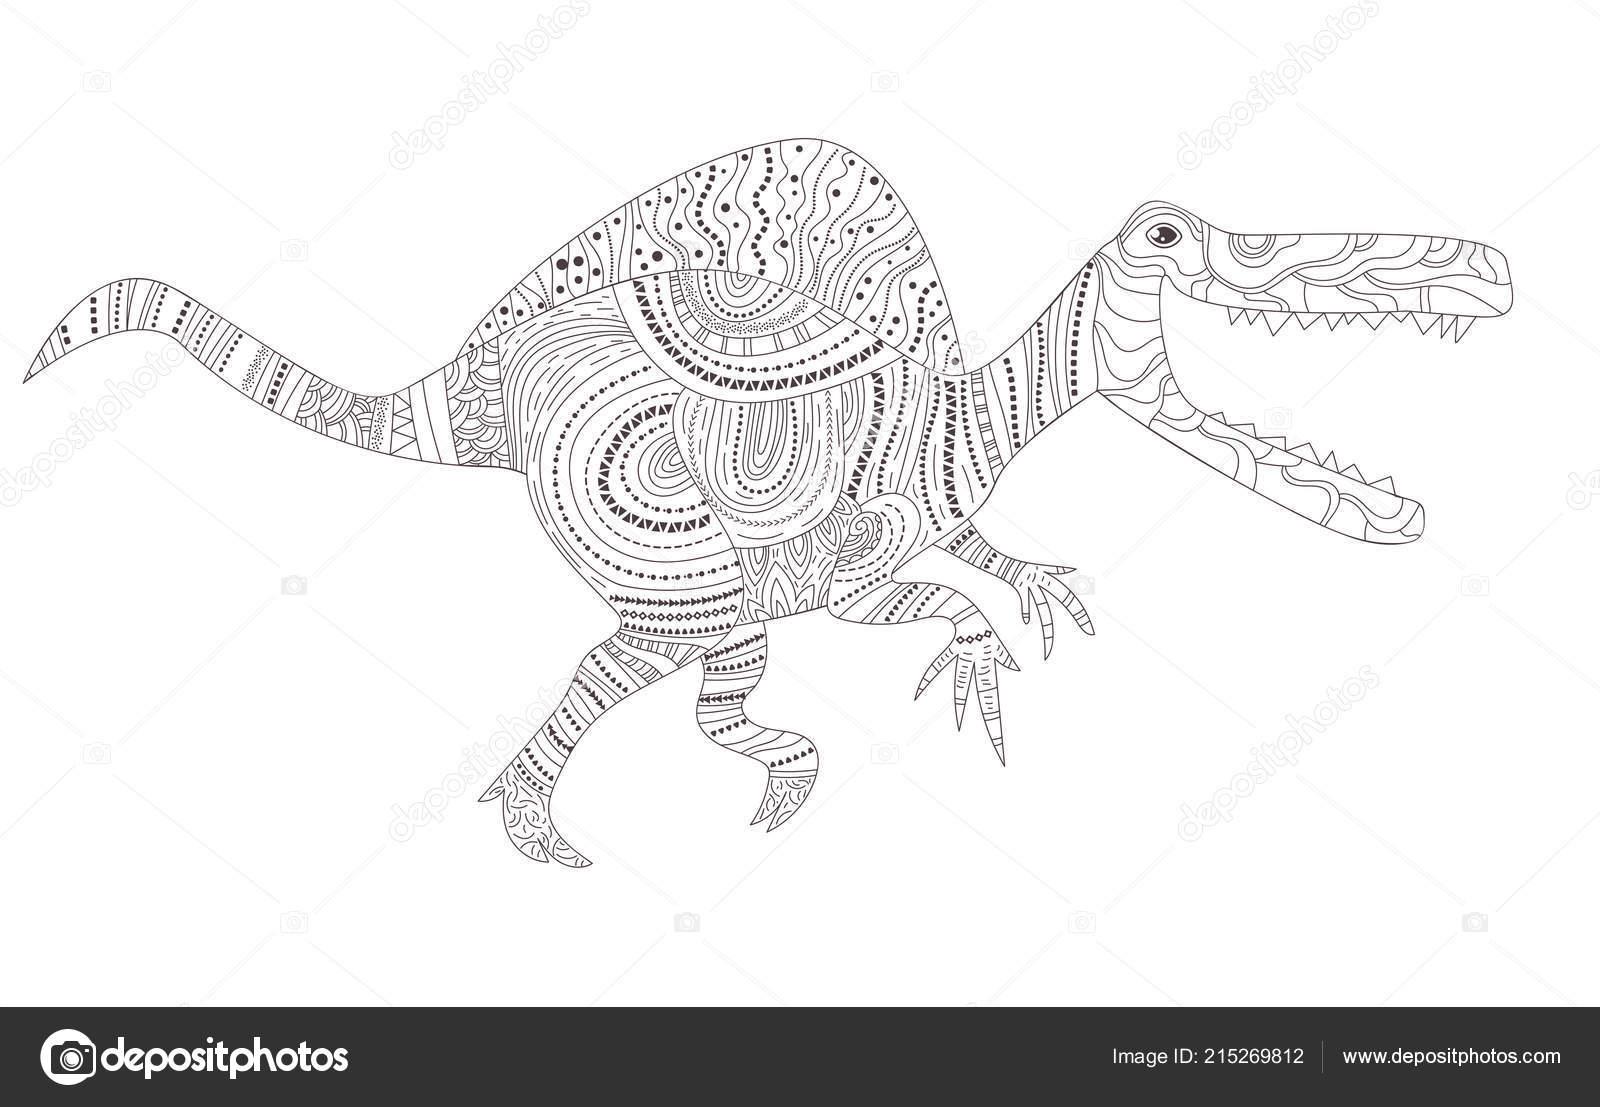 Coloriage Dinosaure Adulte.Dinosaure Coloriage Pour Enfants Et Adultes Vecteur Dessin Anime